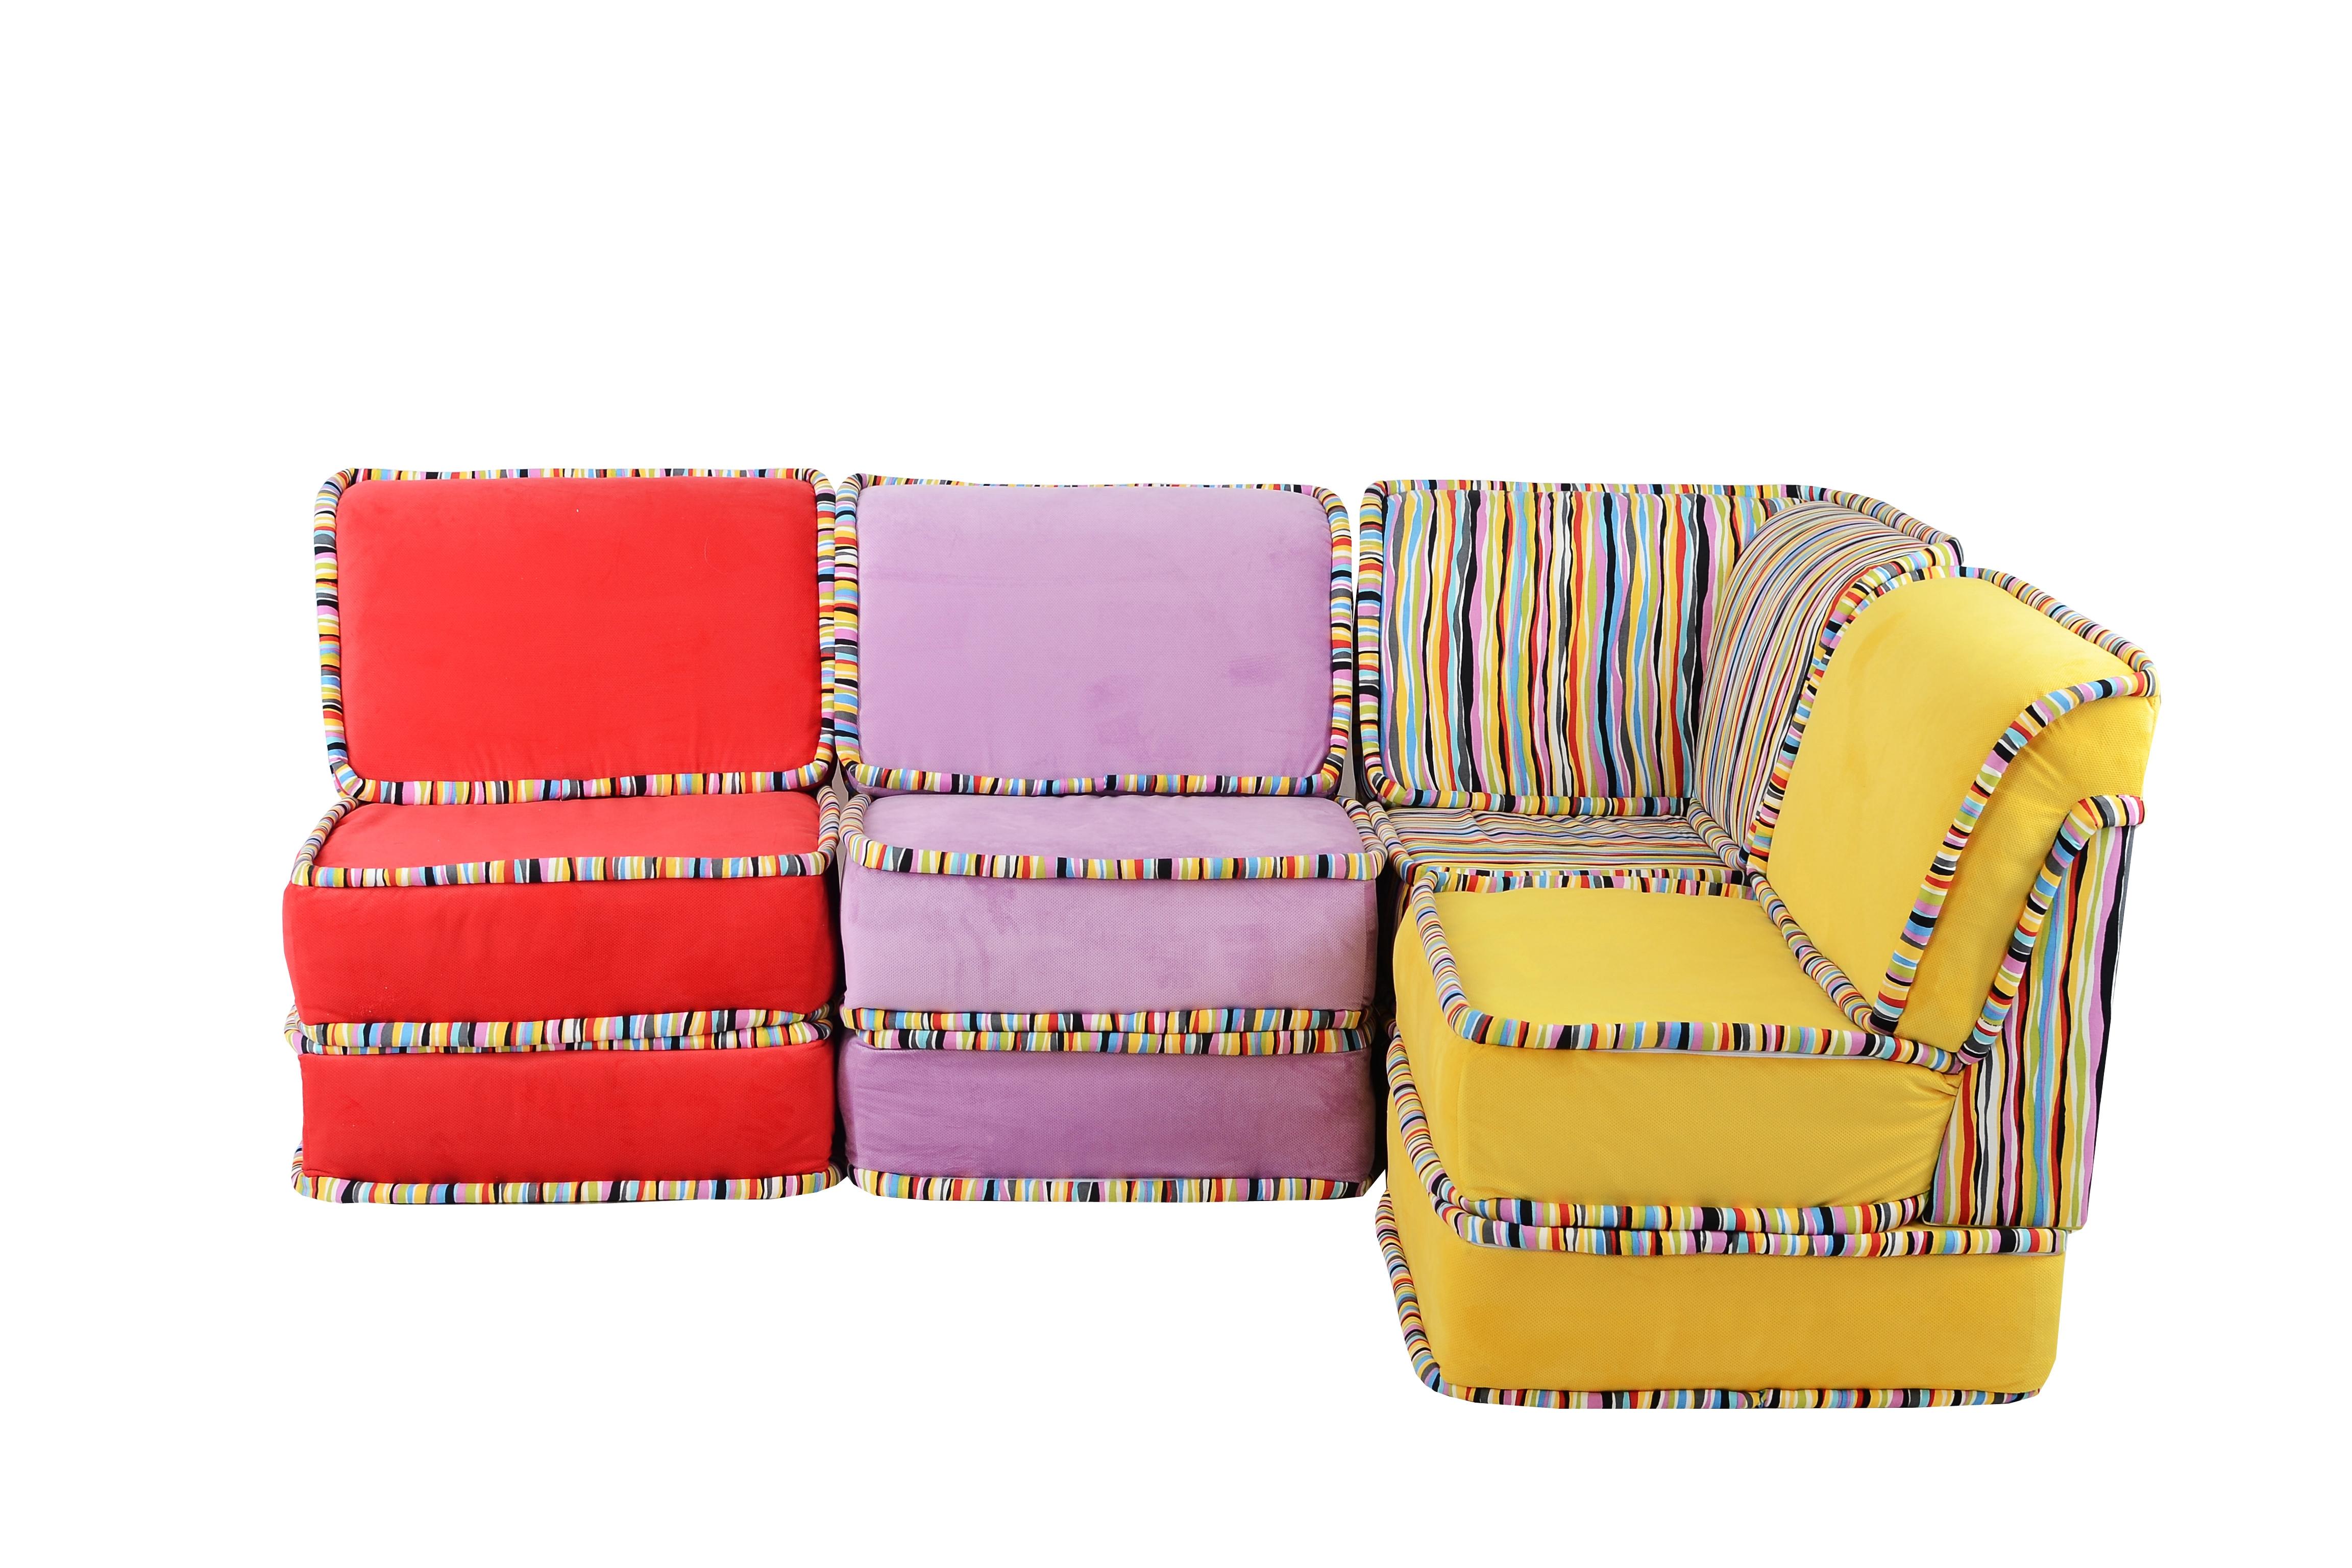 Диван угловой ПалитраМодульные диваны<br>Модульные диваны отличаются тем, что они функциональны, а значит, вы сможете выбрать уникальную, подходящую именно вам конструкцию. Вы непременно оцените многообразие роскошных цветов. Диван - это центральный элемент интерьера. Пусть он будет безупречным.Размер одного модуля: ширина - 70 см, высота - 65 см, глубина - 70 см.&amp;amp;nbsp;Для удобства модули ничем не соединены, и вы можете свободно менять их местами.<br><br>Material: Текстиль<br>Width см: 280<br>Depth см: 70<br>Height см: 65